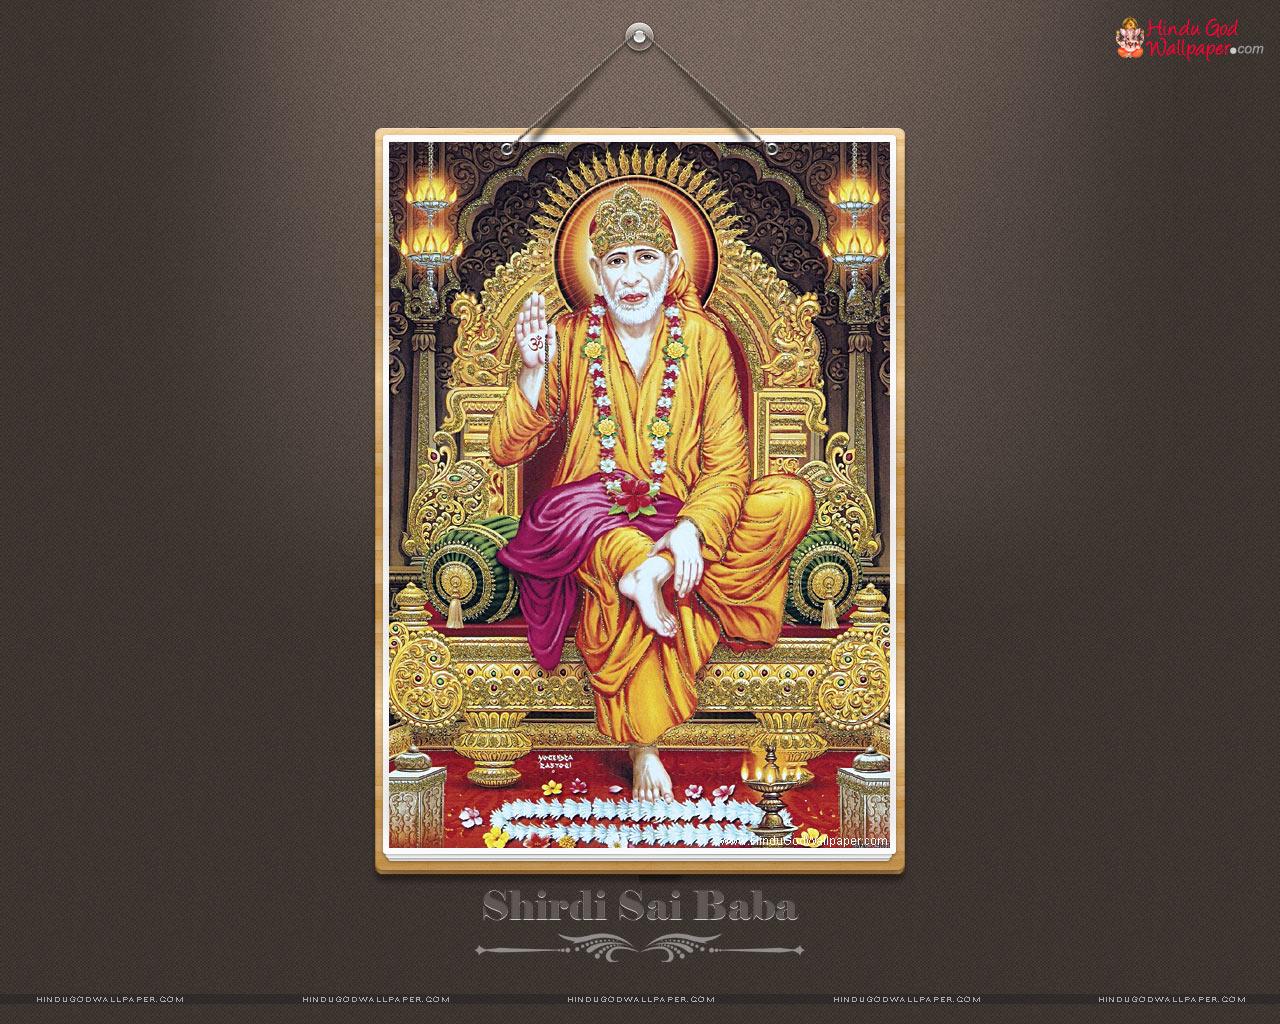 Shirdi Sai Baba Exclusive WallPapers Free Download Desktop